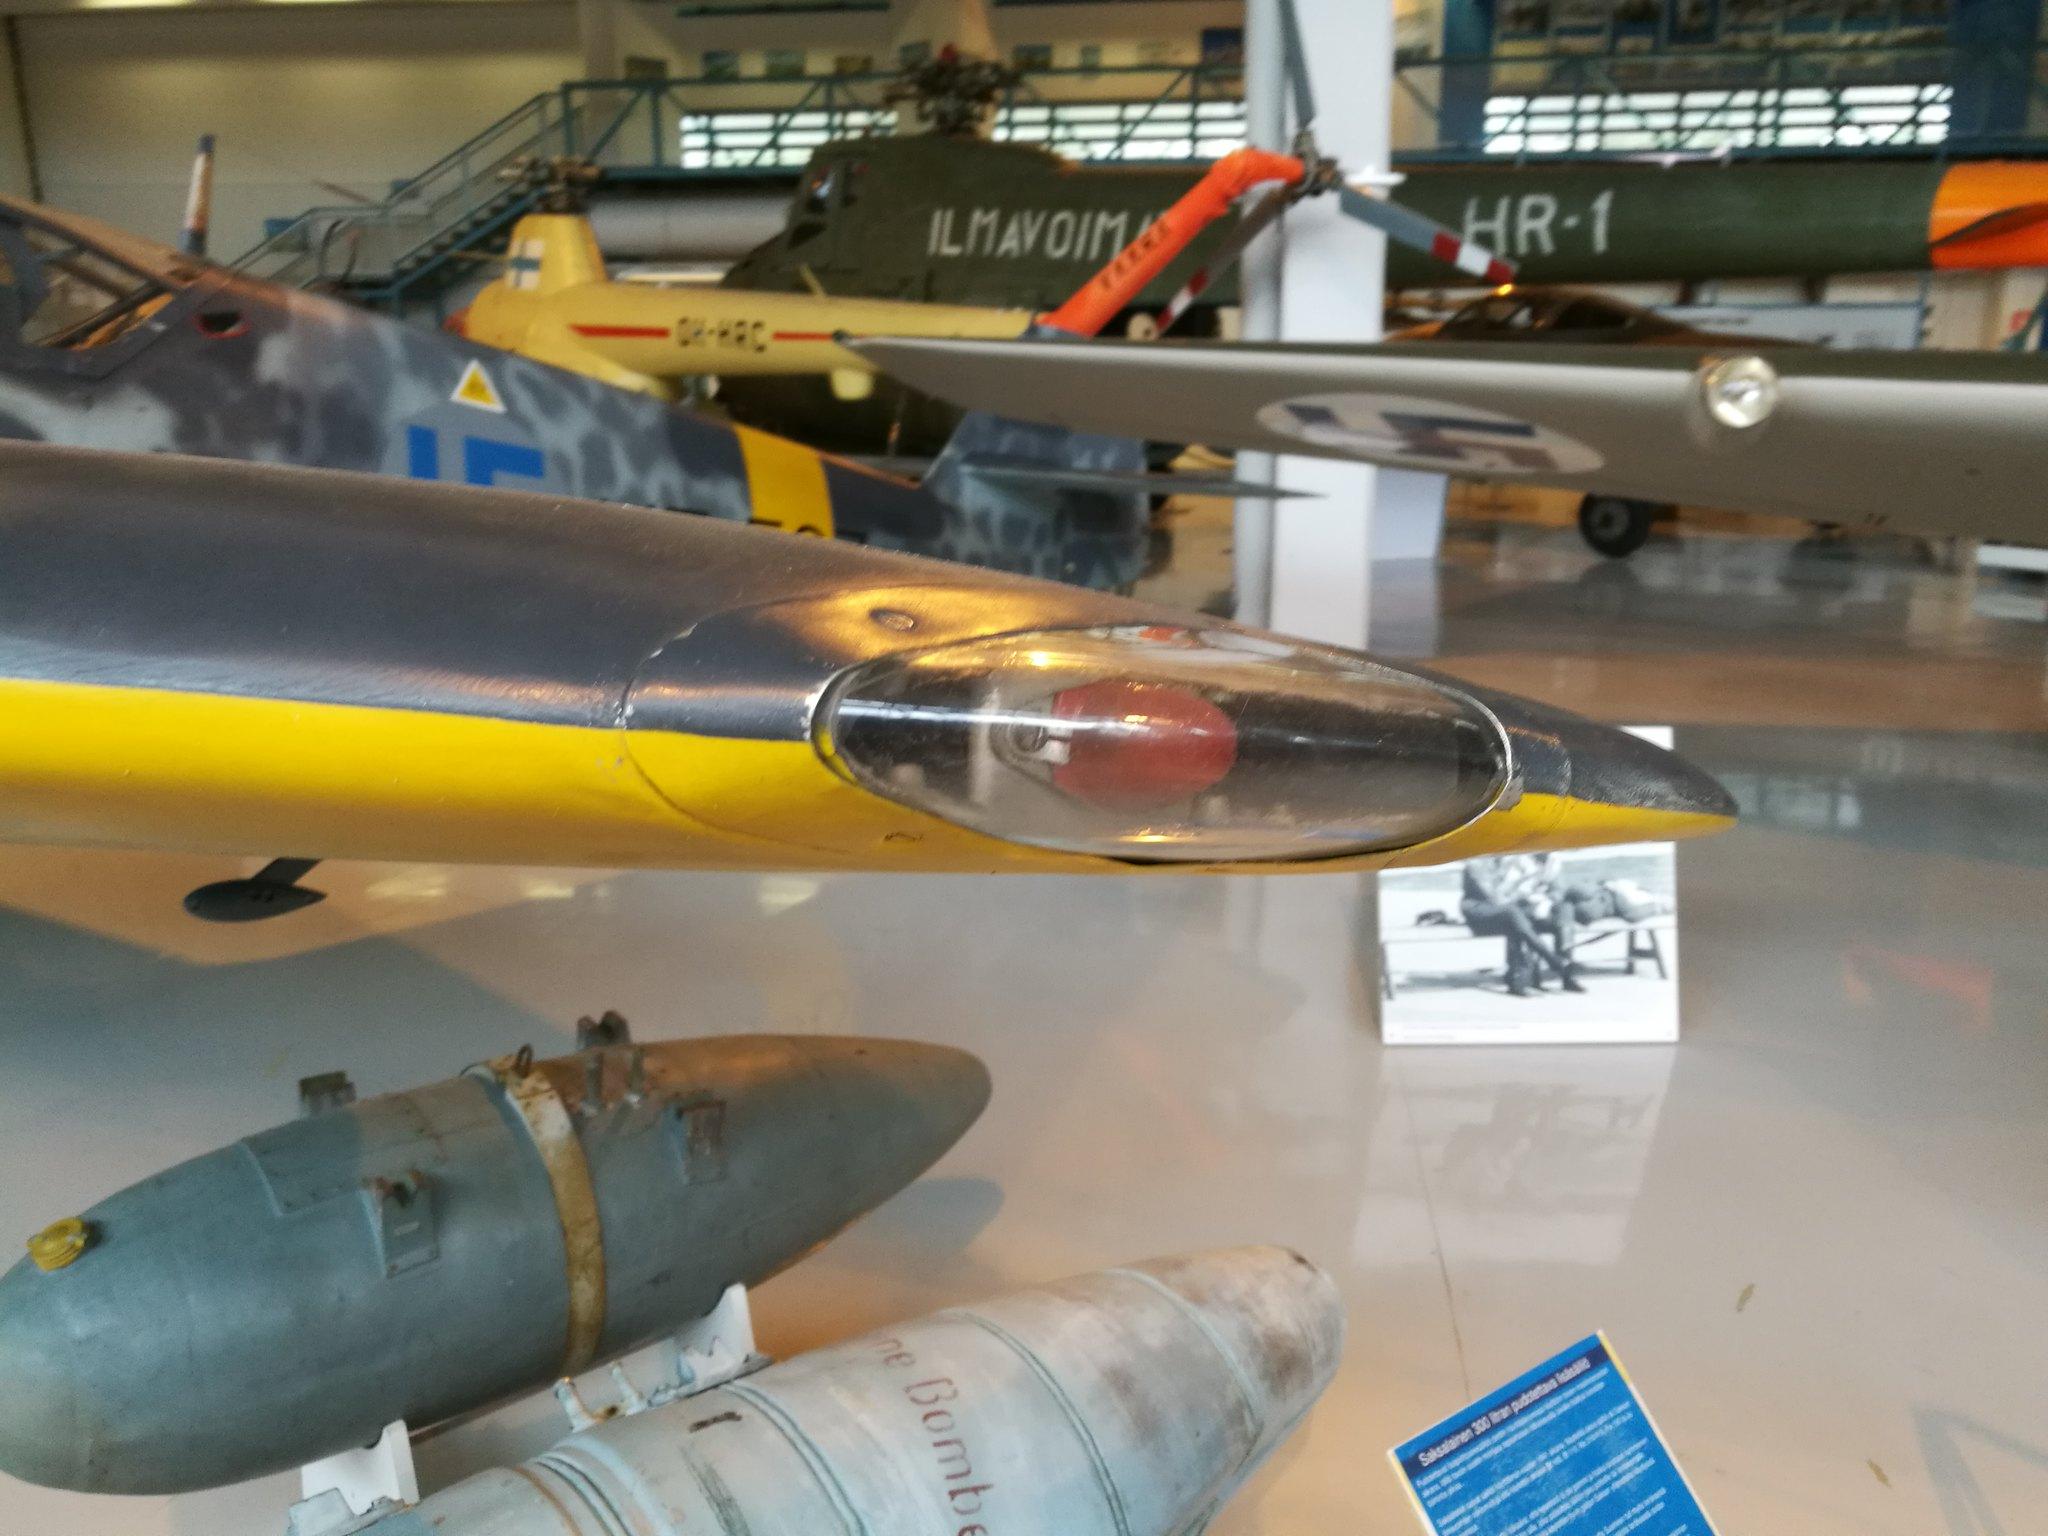 Hemkommen från semester i Finland med utflykt till Finlands Flygvapenmuseum. 48292963456_6c60699261_k